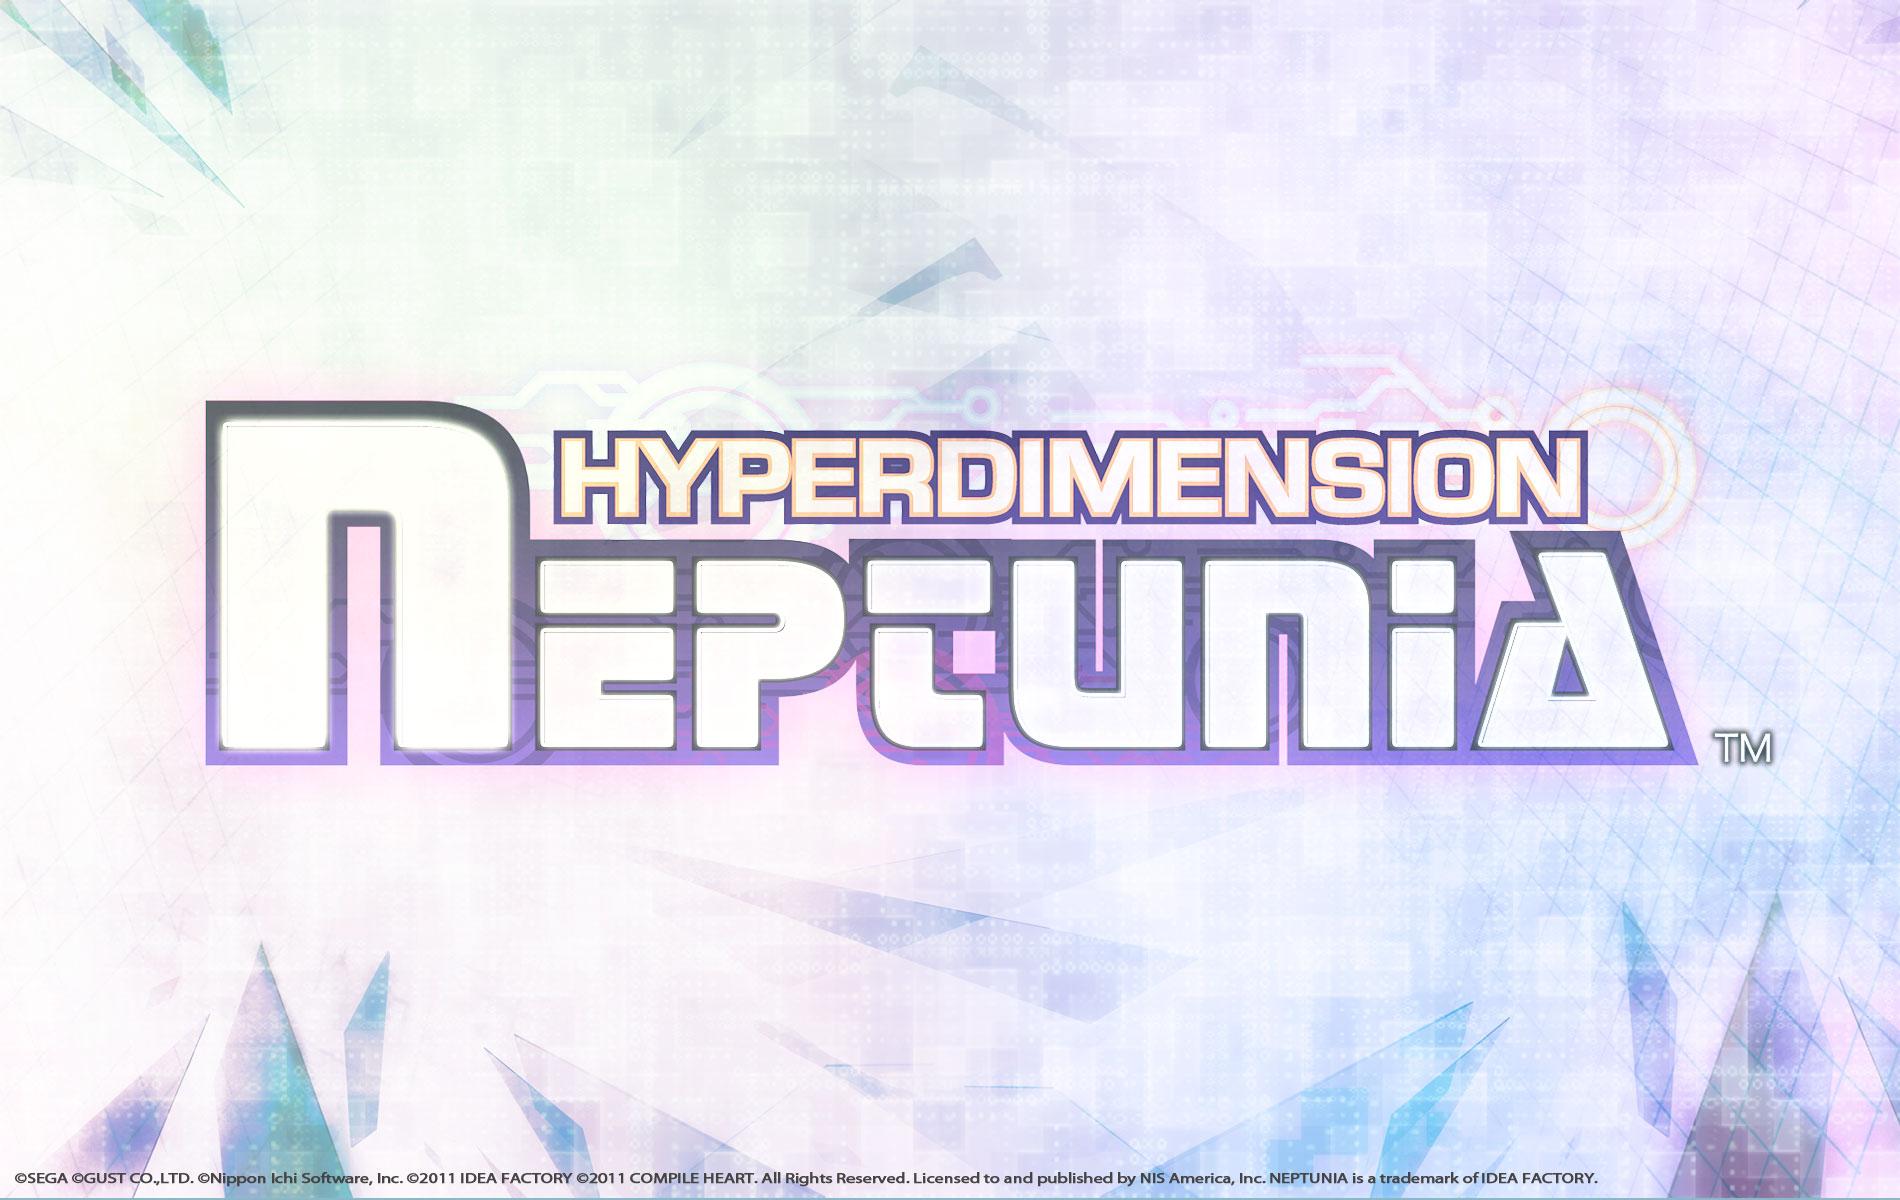 Hyperdimension Neptunia Wallpaper 019